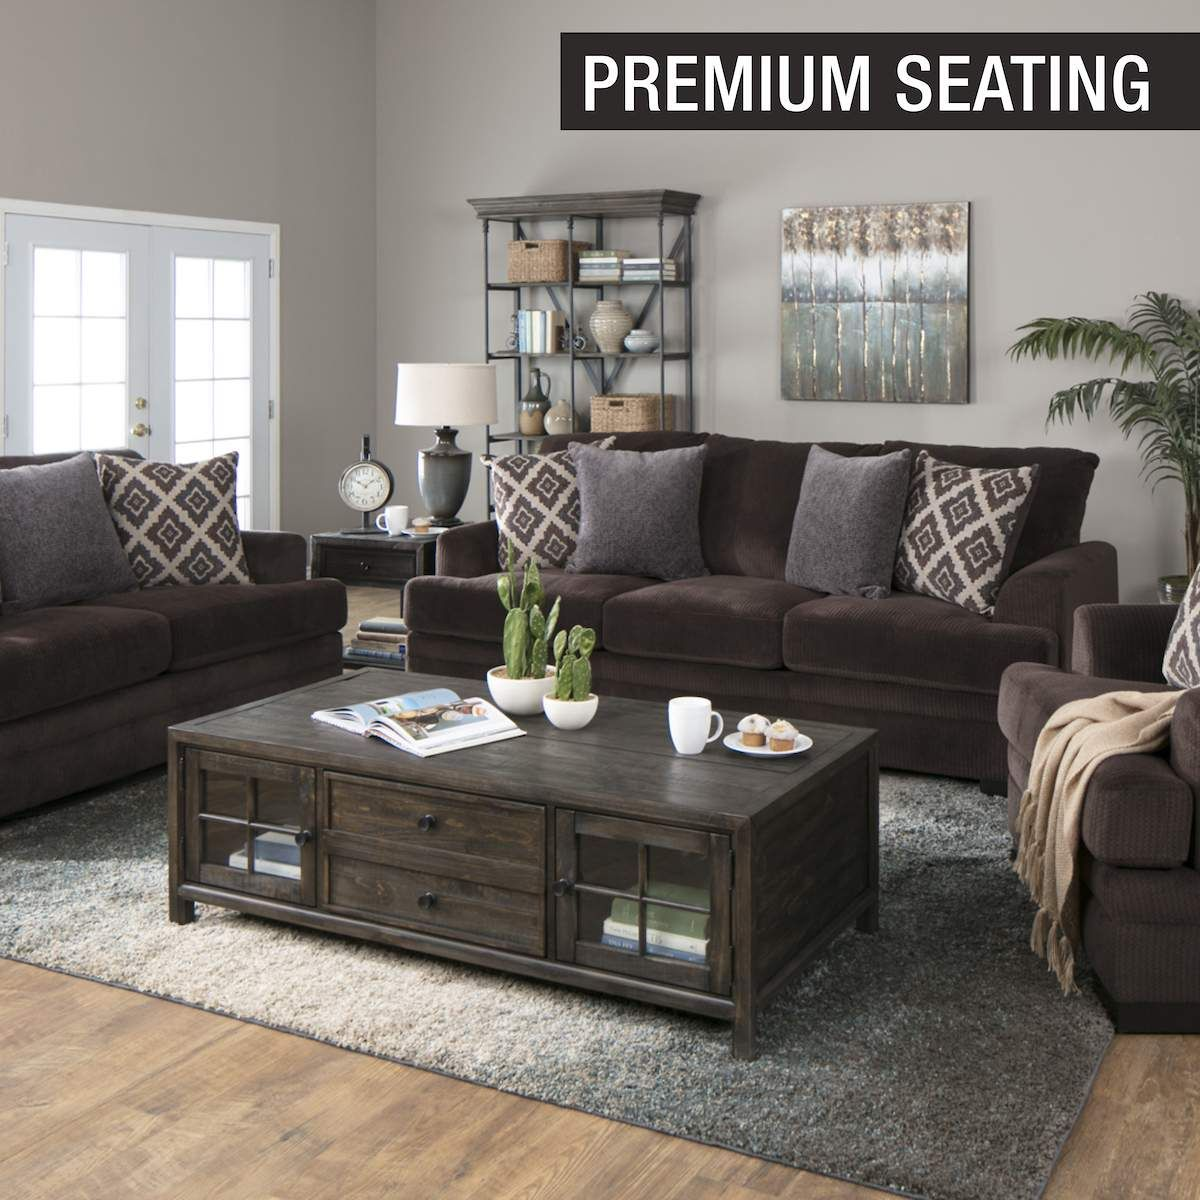 Jaxon Living Room Set Jerome S Furniture Luxury Living Room